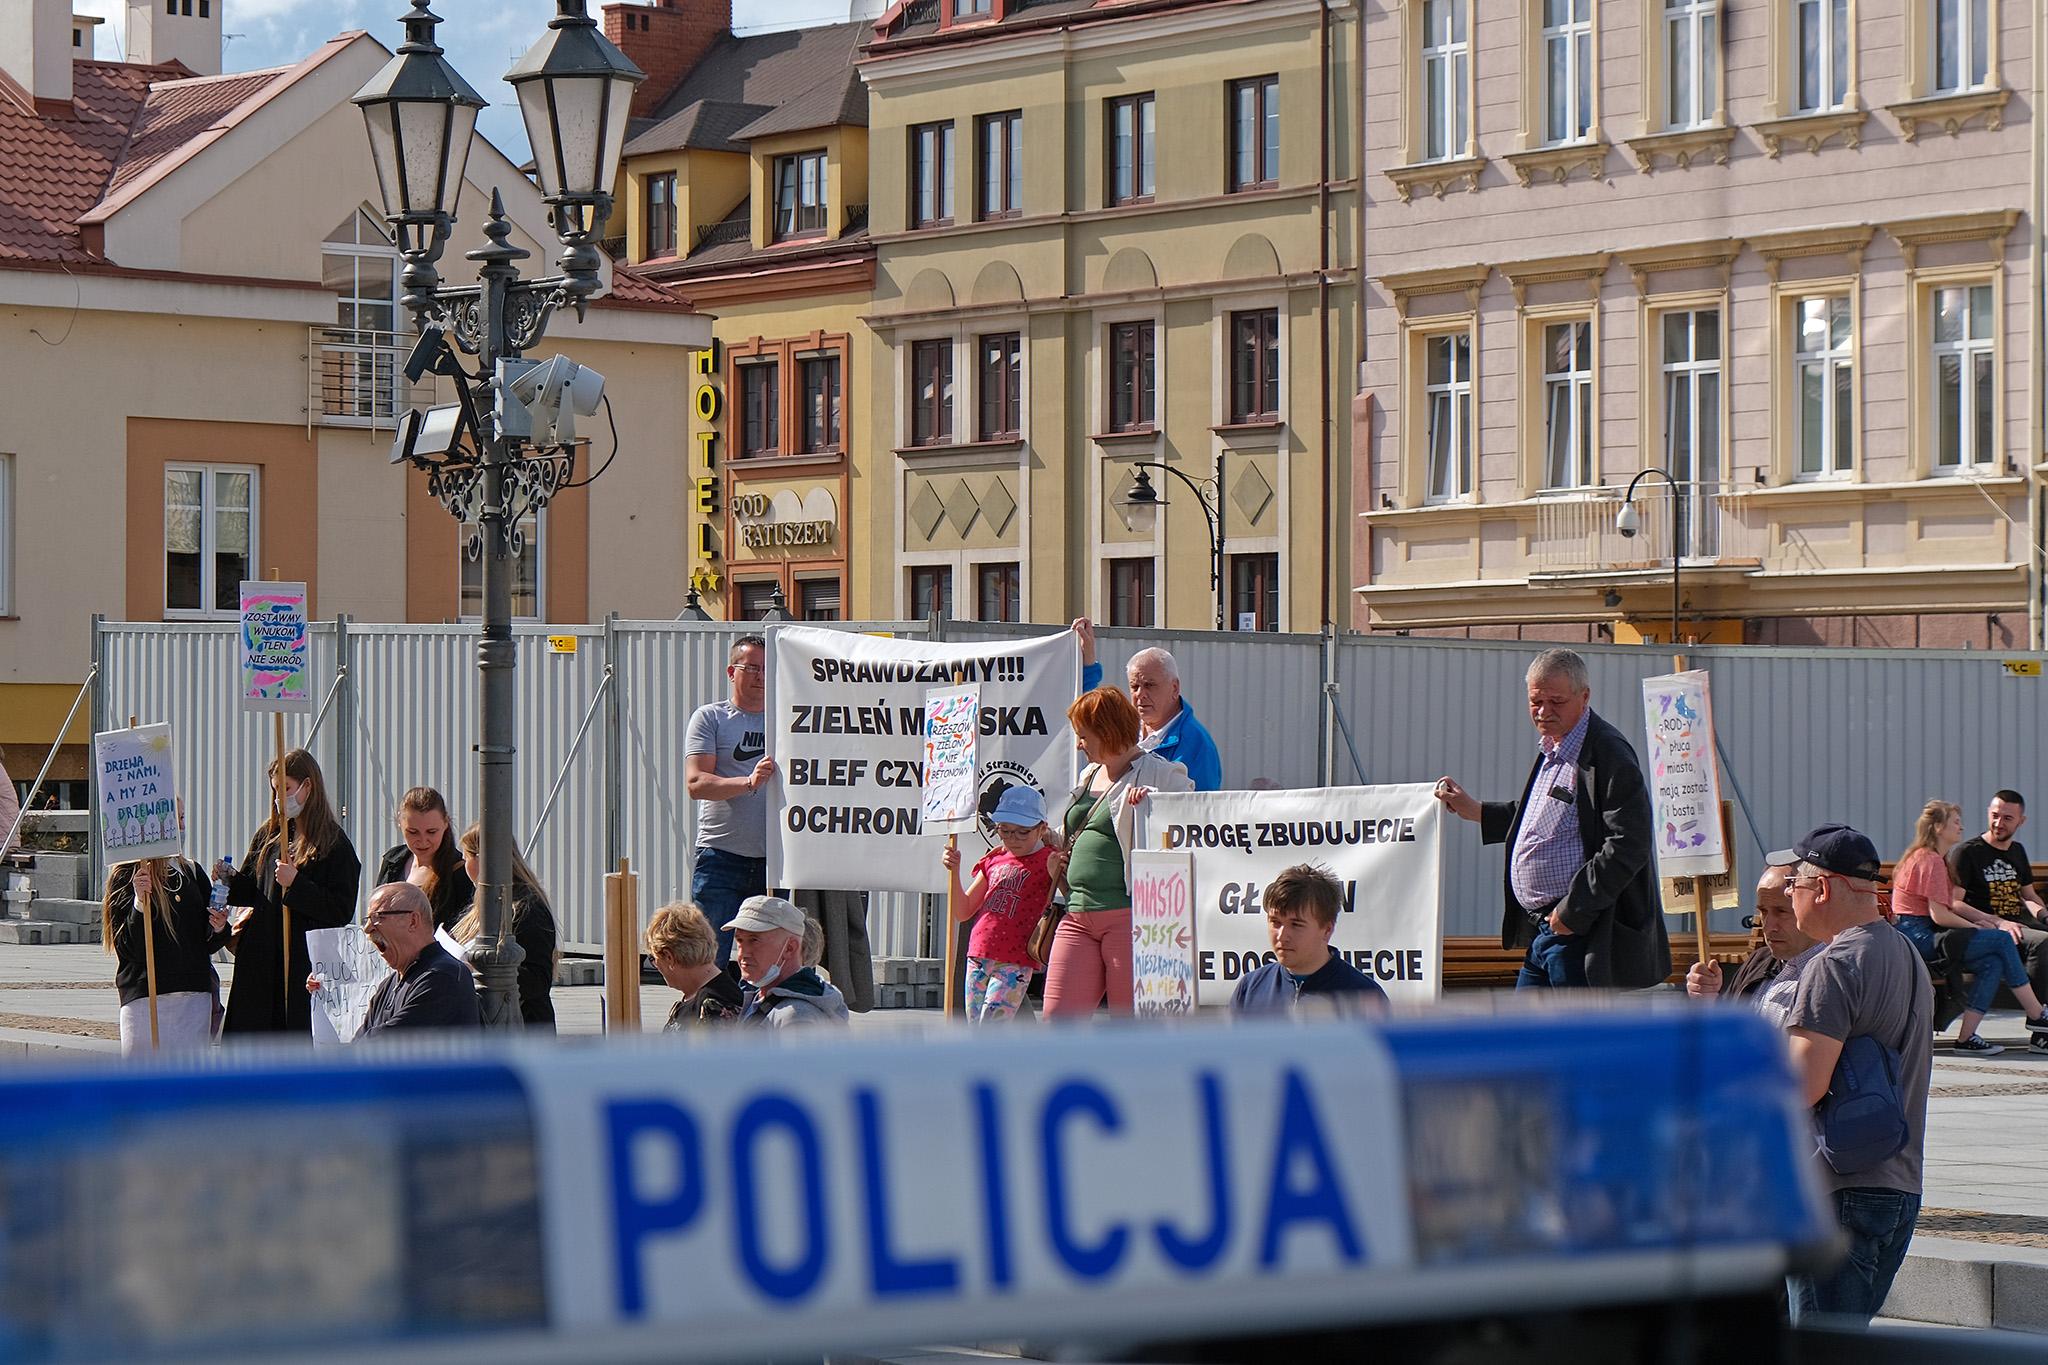 DSCF2043_RZESZOW_NEWS_SEBASTIAN_STANKIEWICZ